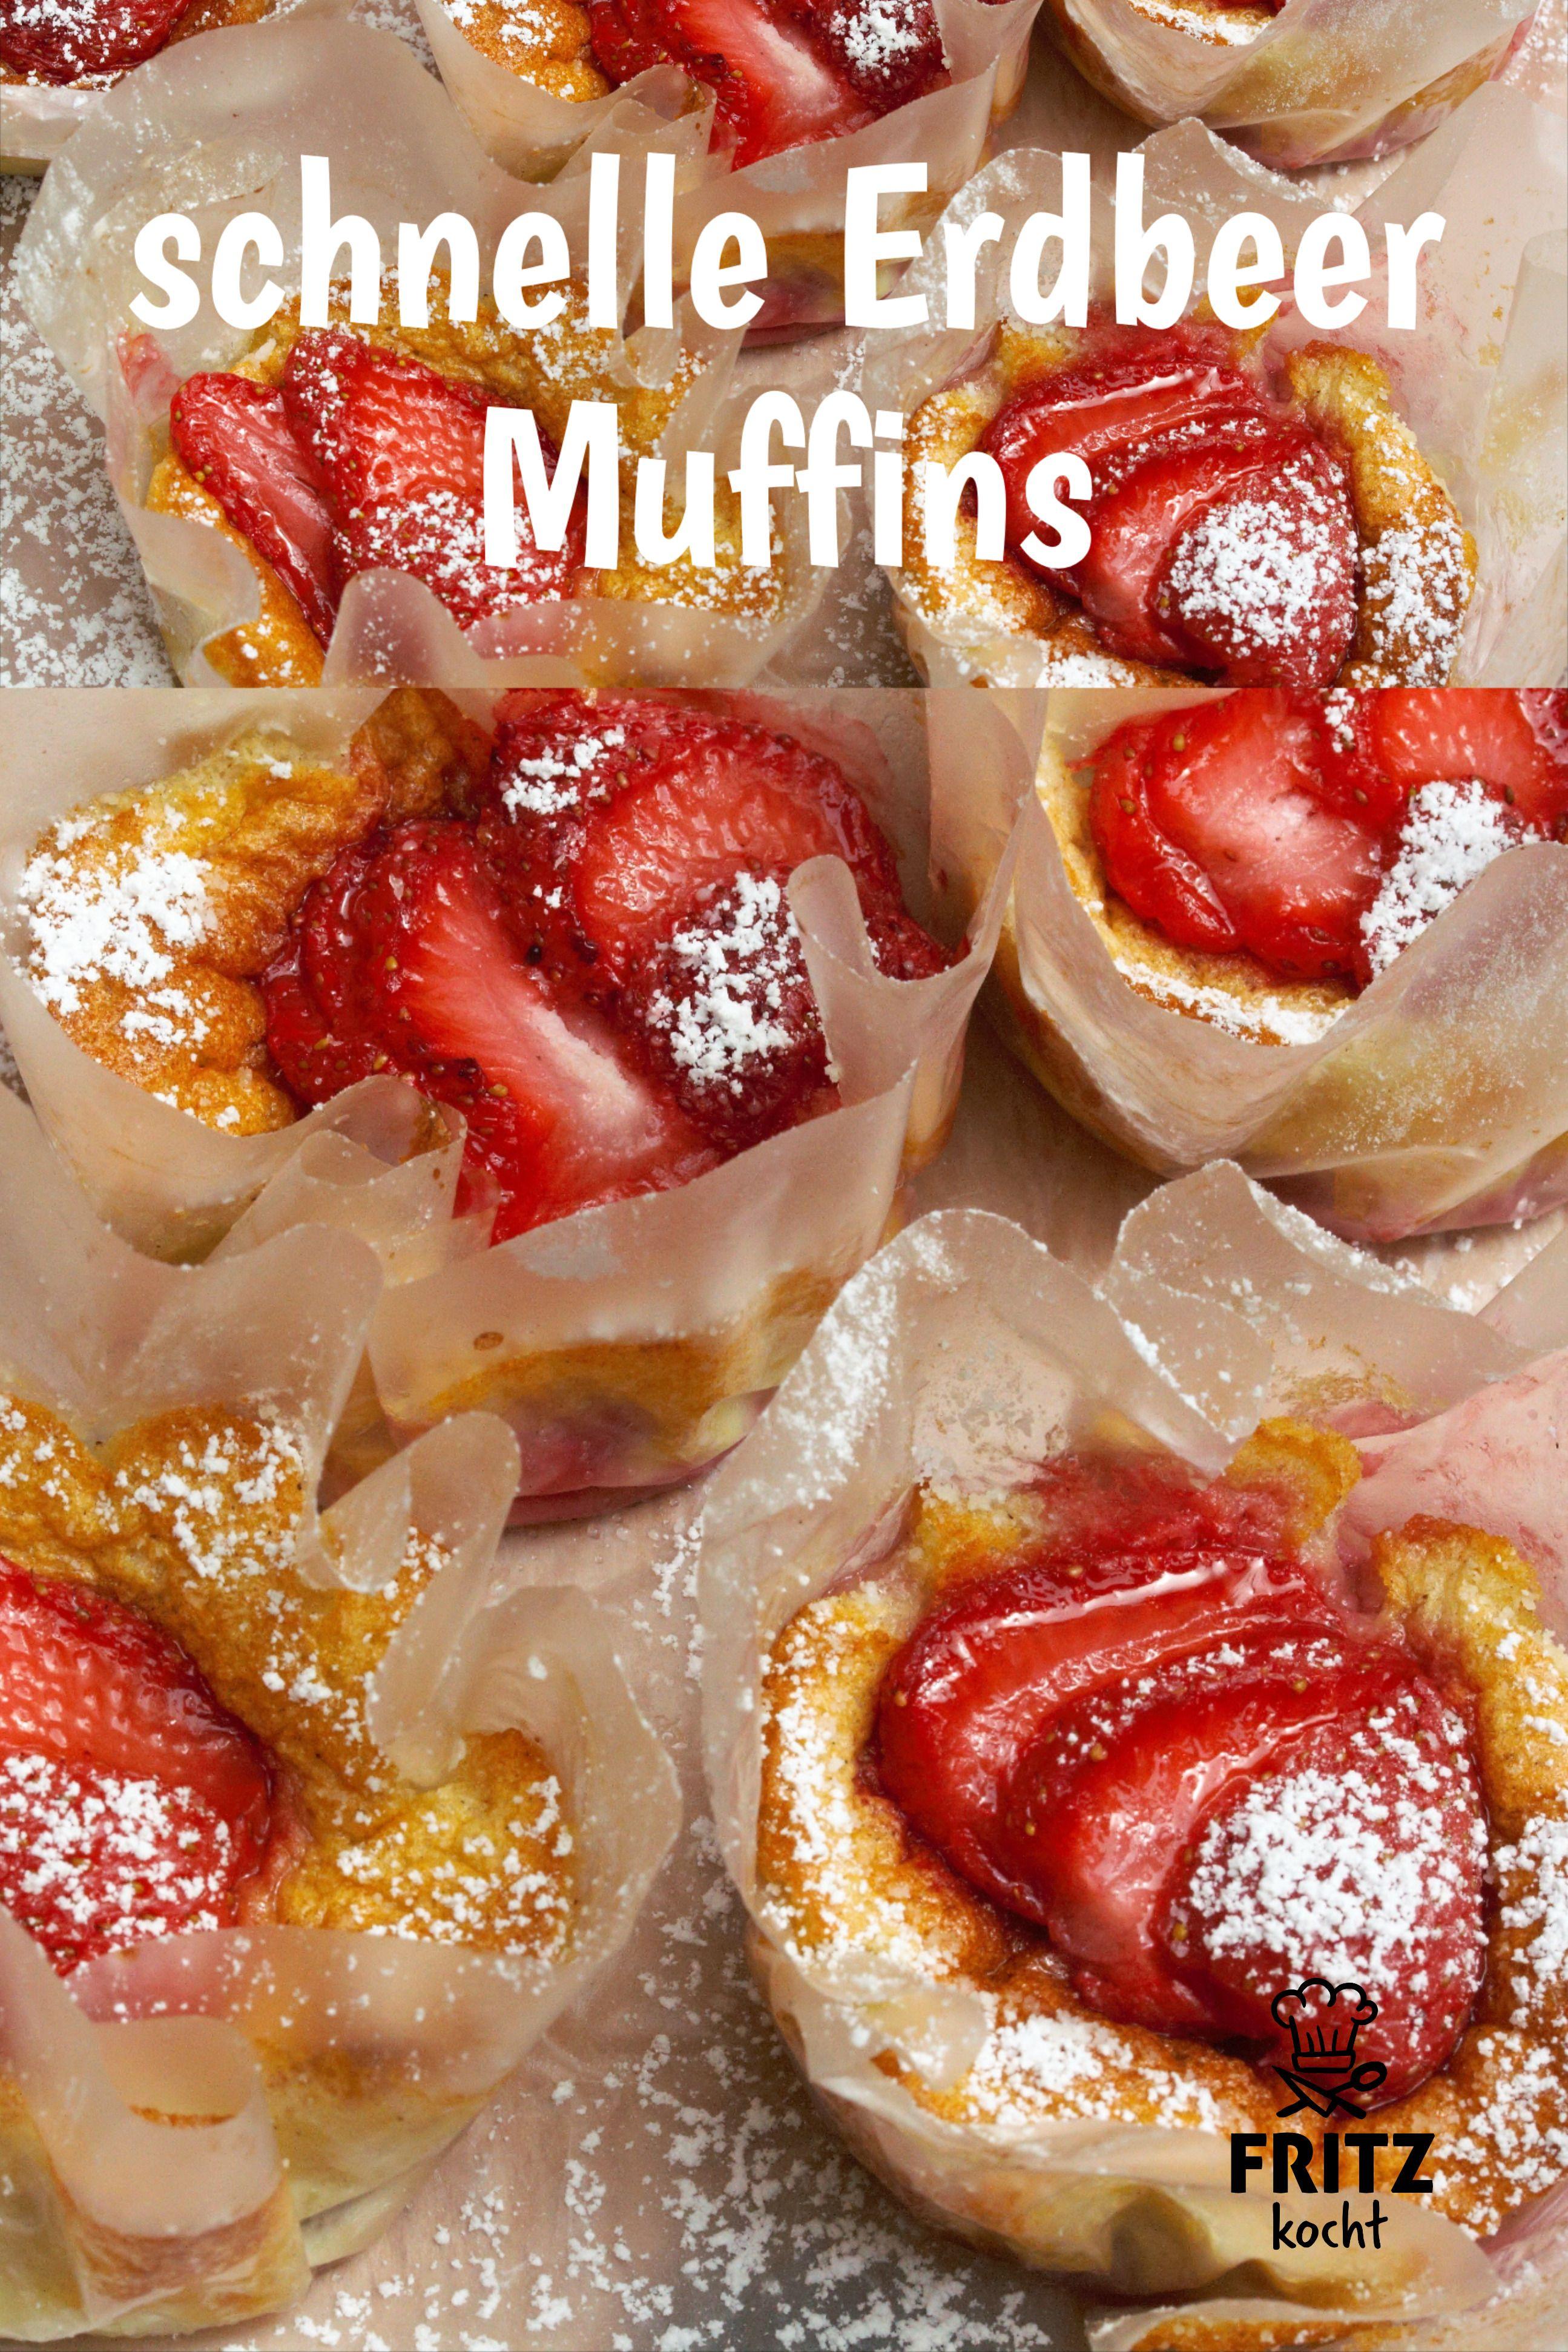 schnelle, einfache Erdbeer Muffins so lecker